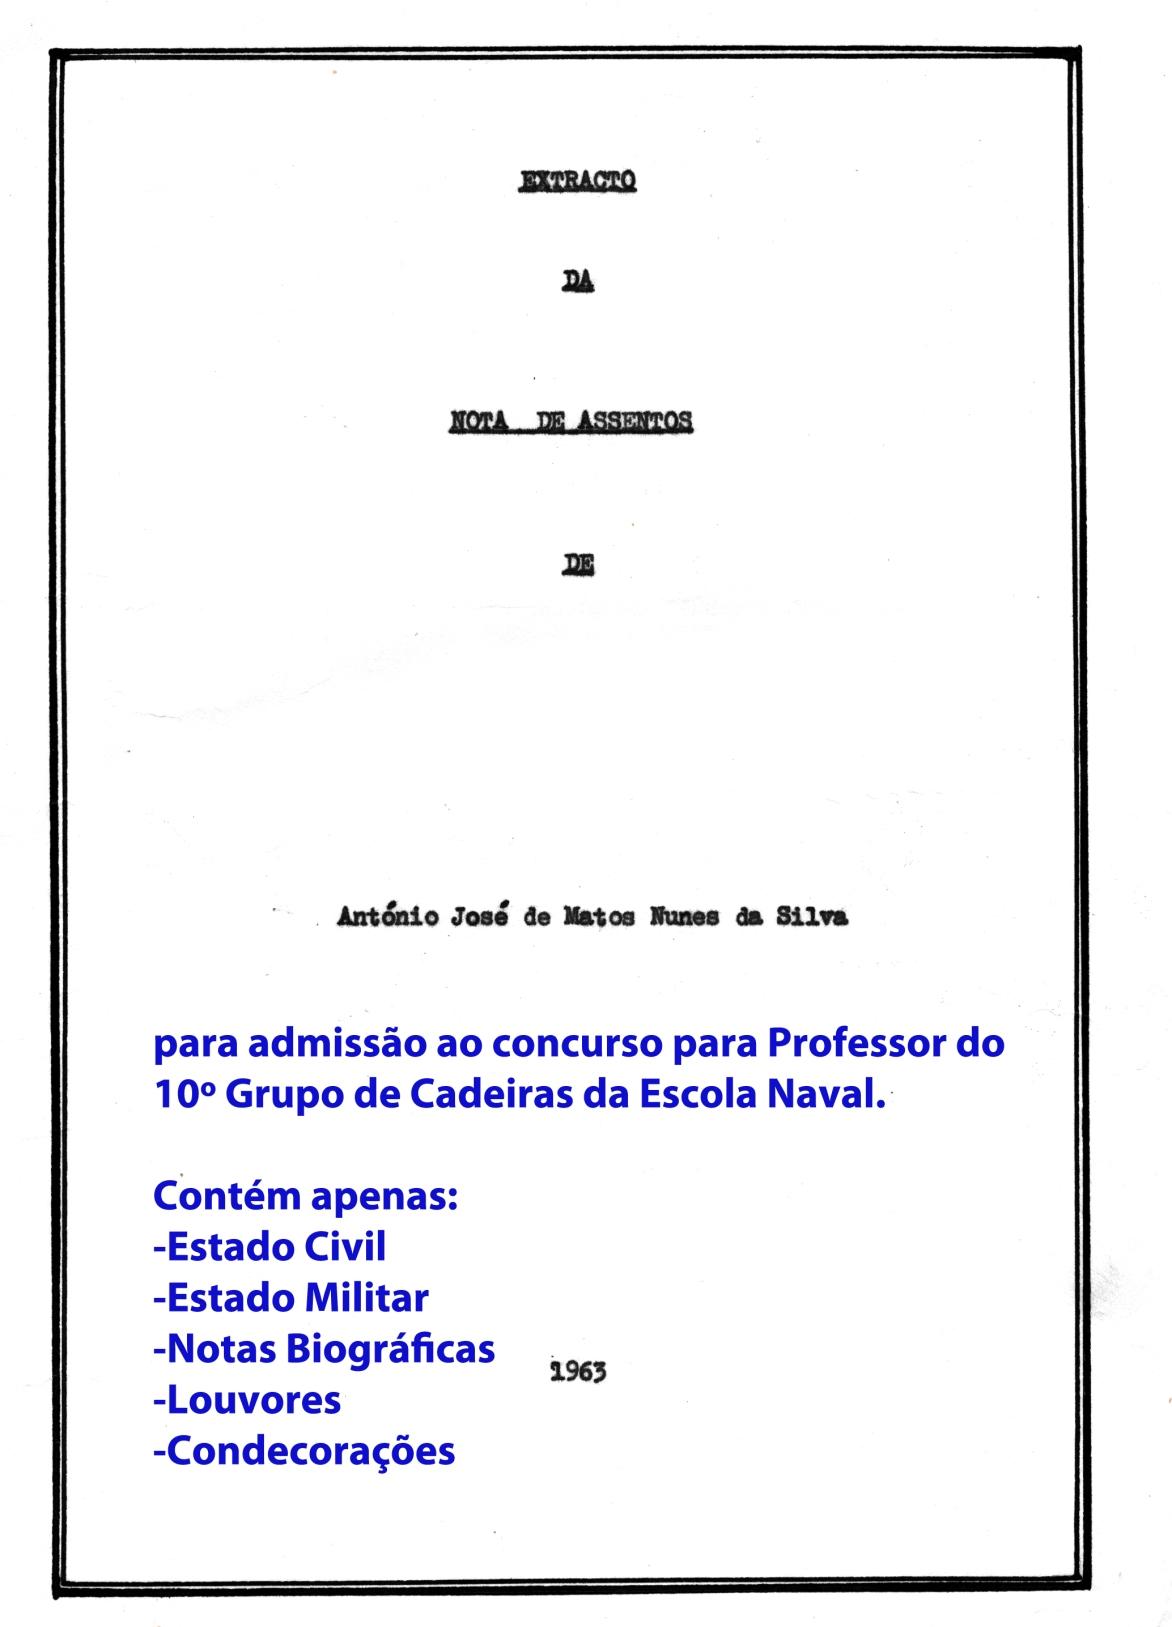 00436 963 extrato da minha Nota de Assentamentos para o concurso para Professor da EN